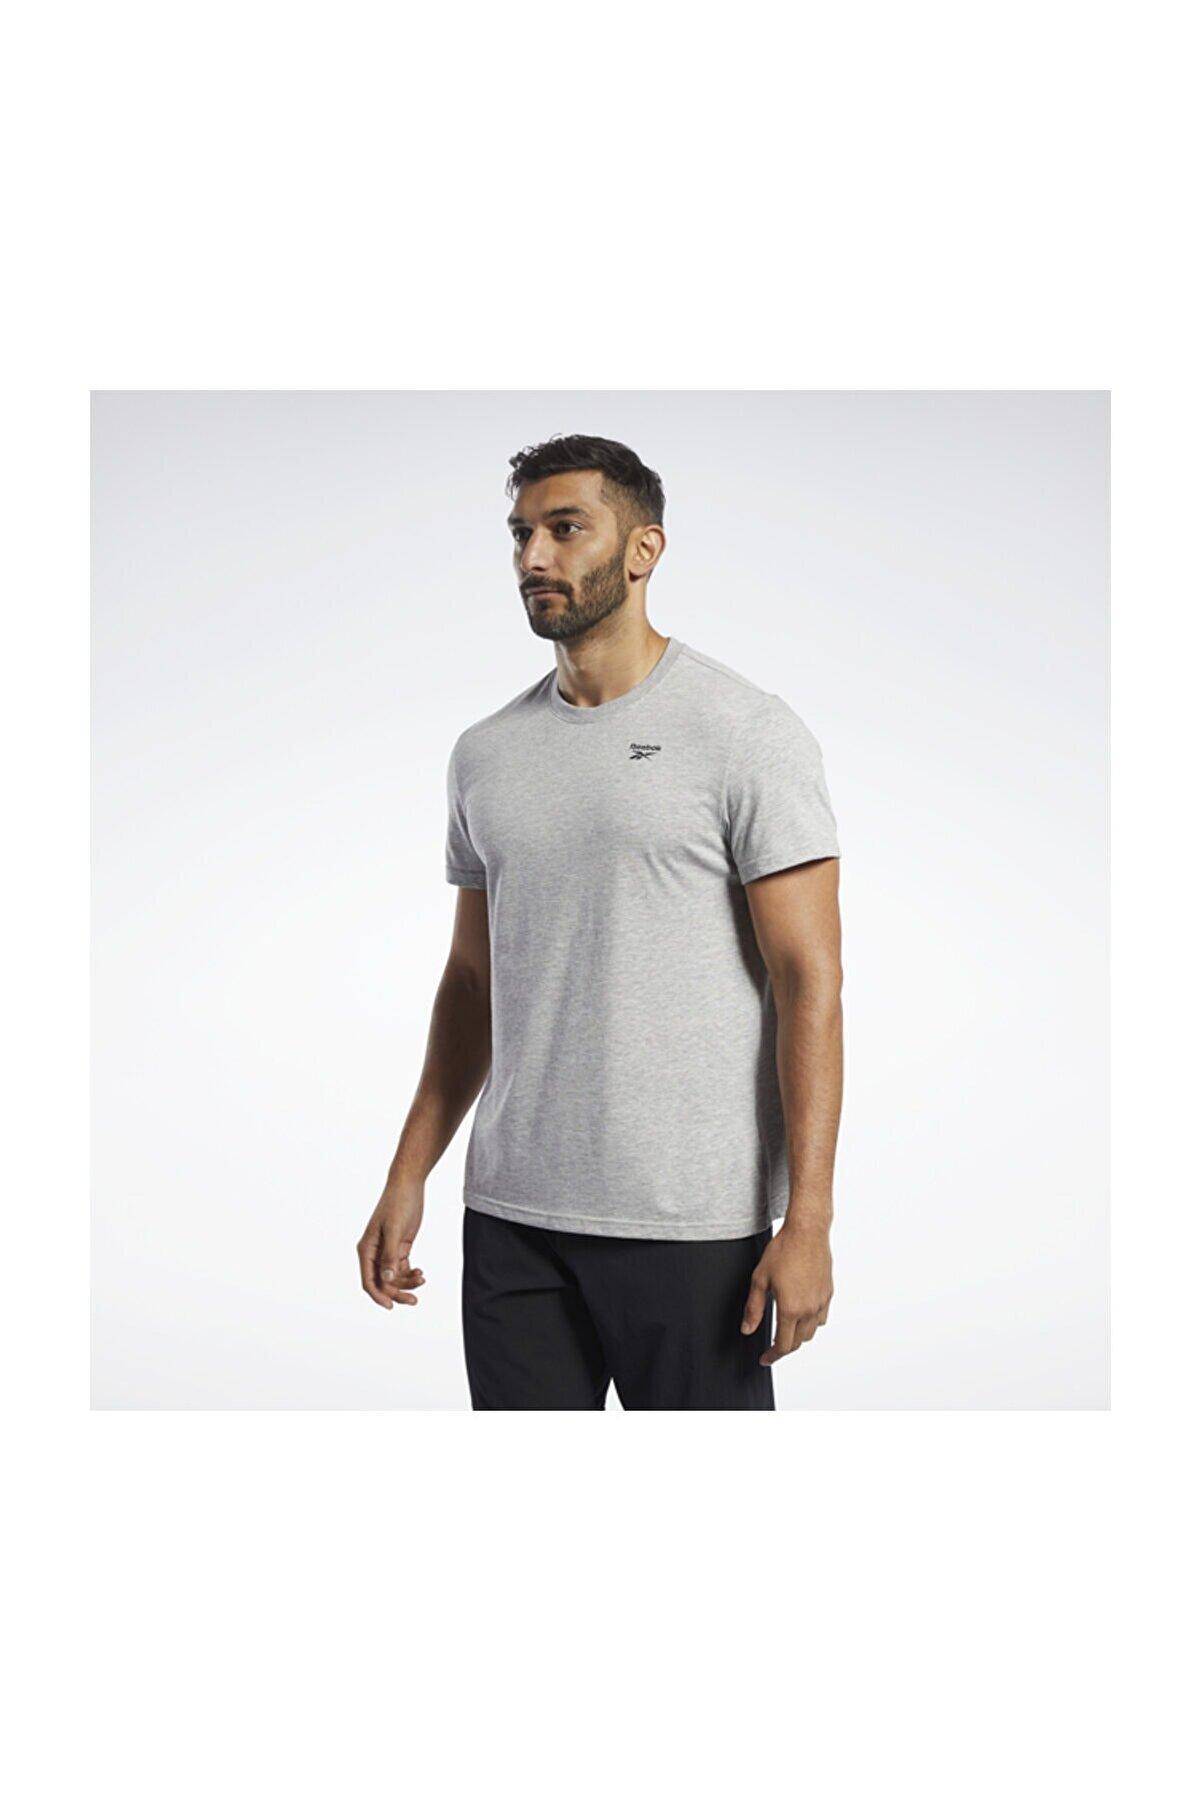 Reebok Erkek Yetişkin Spor T-Shirt TE SL CLASSIC TEE   MGREYH FP9183